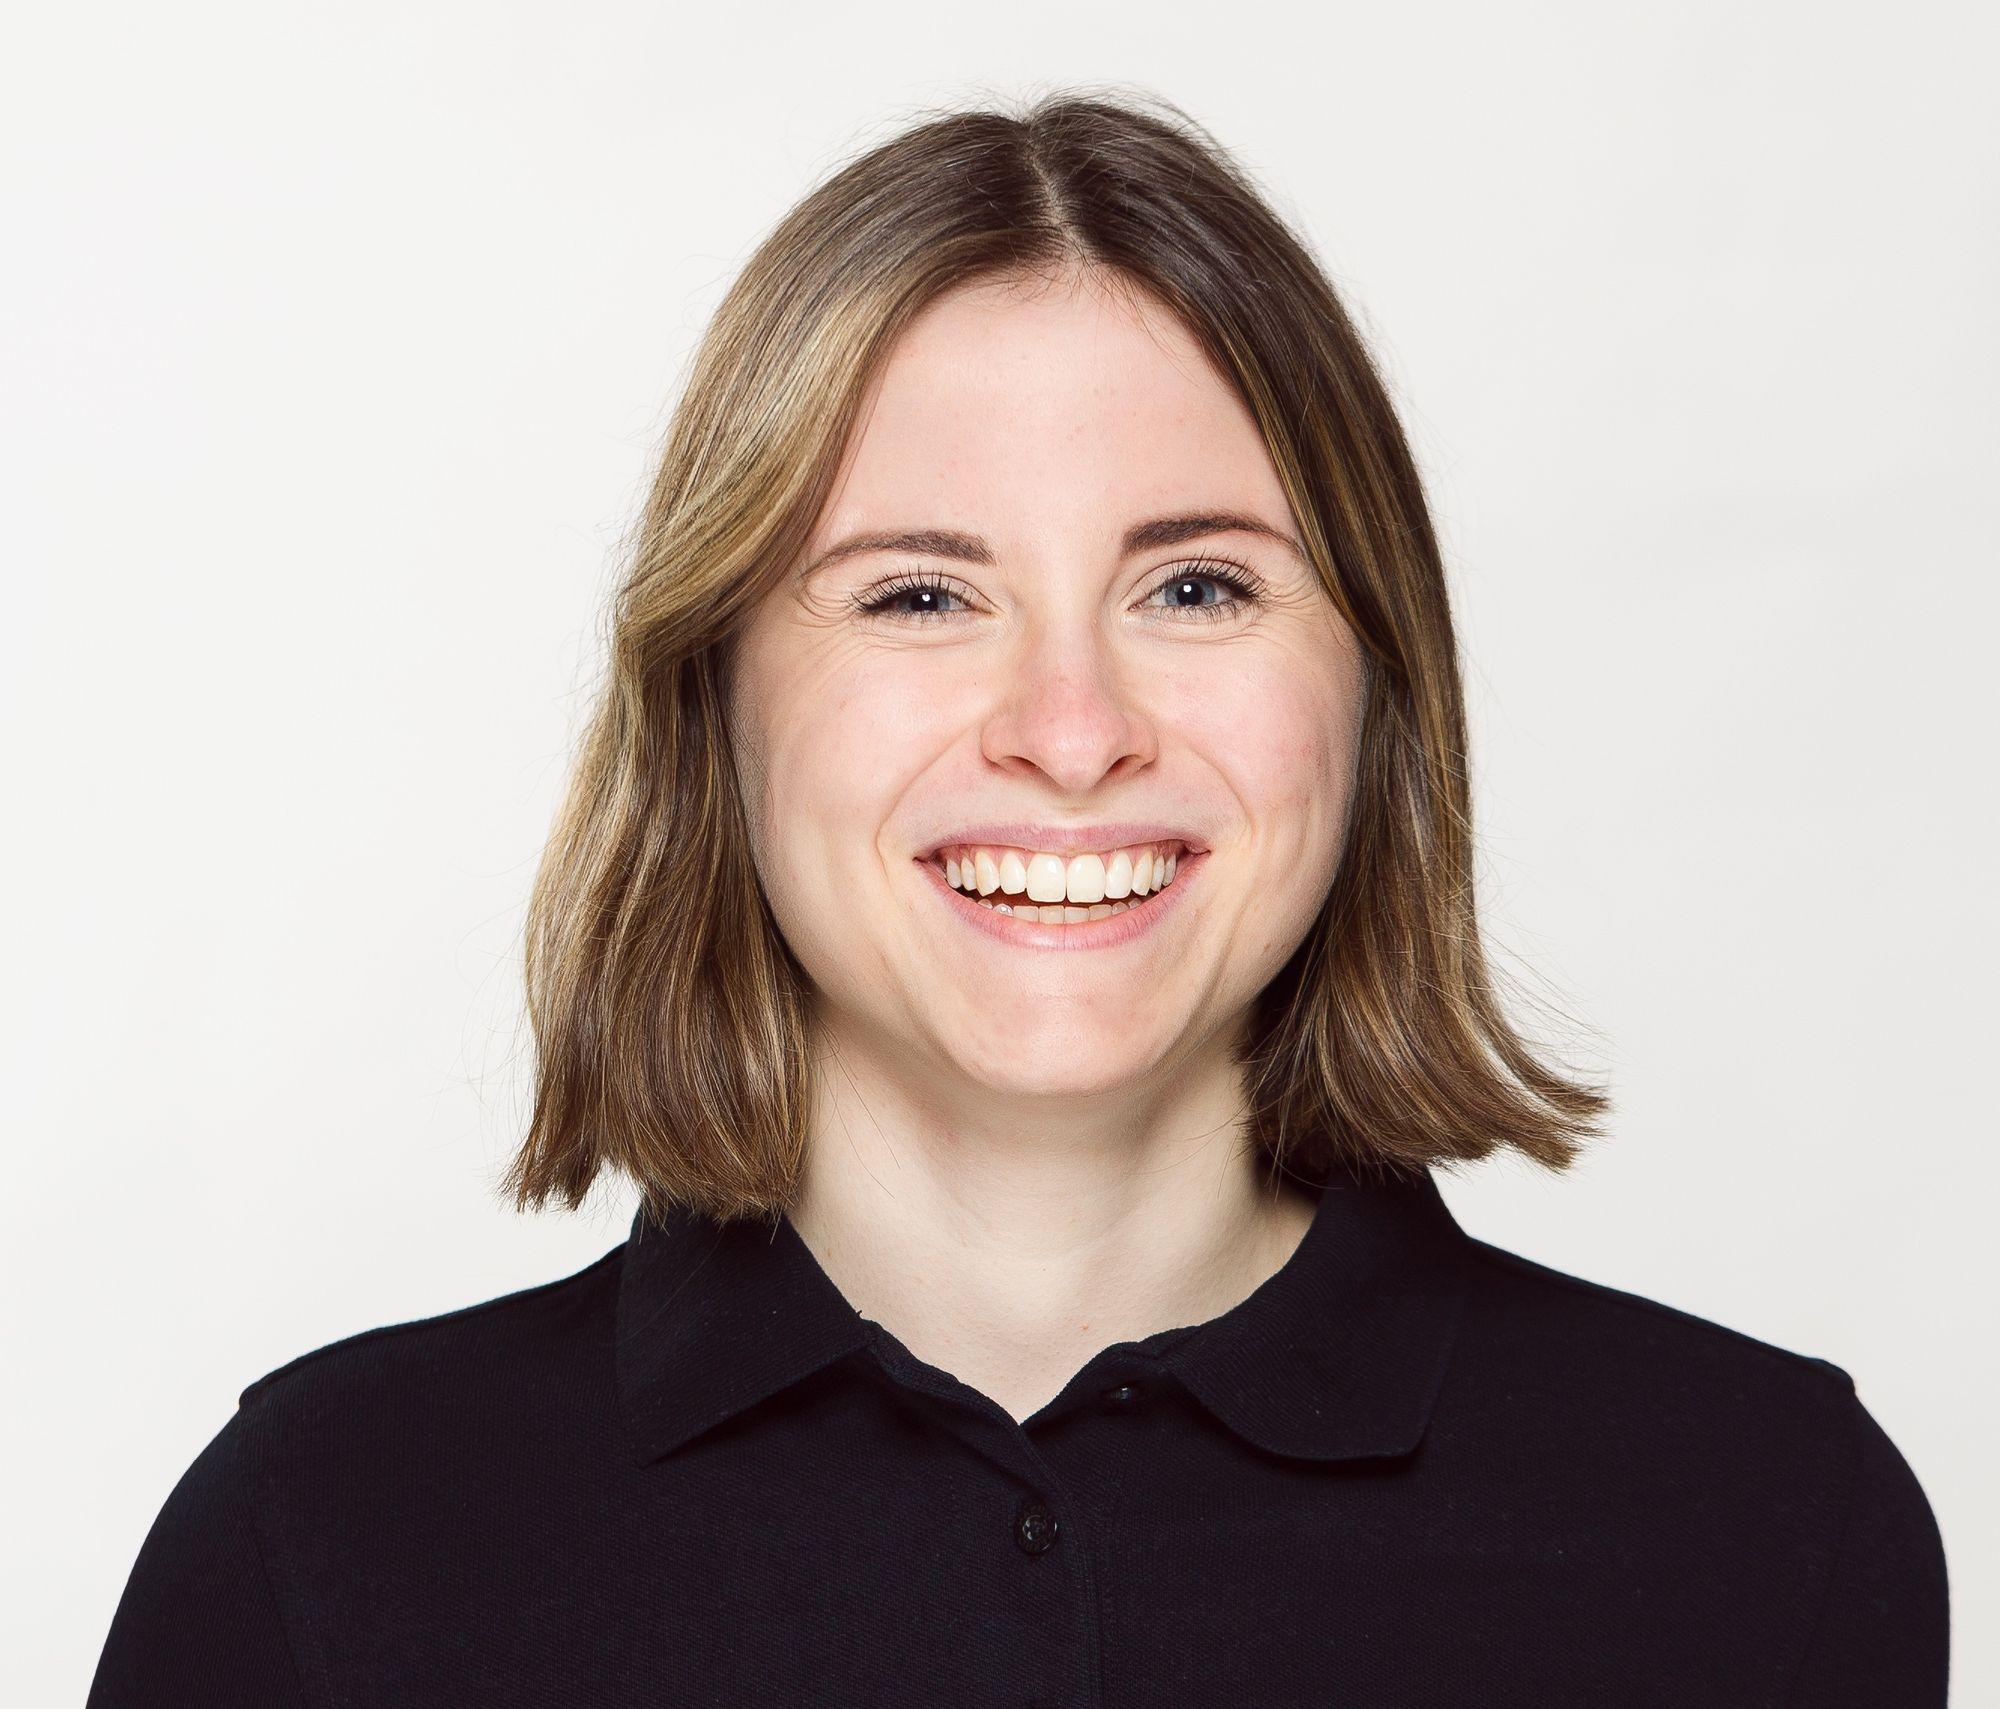 Lara von Wissel